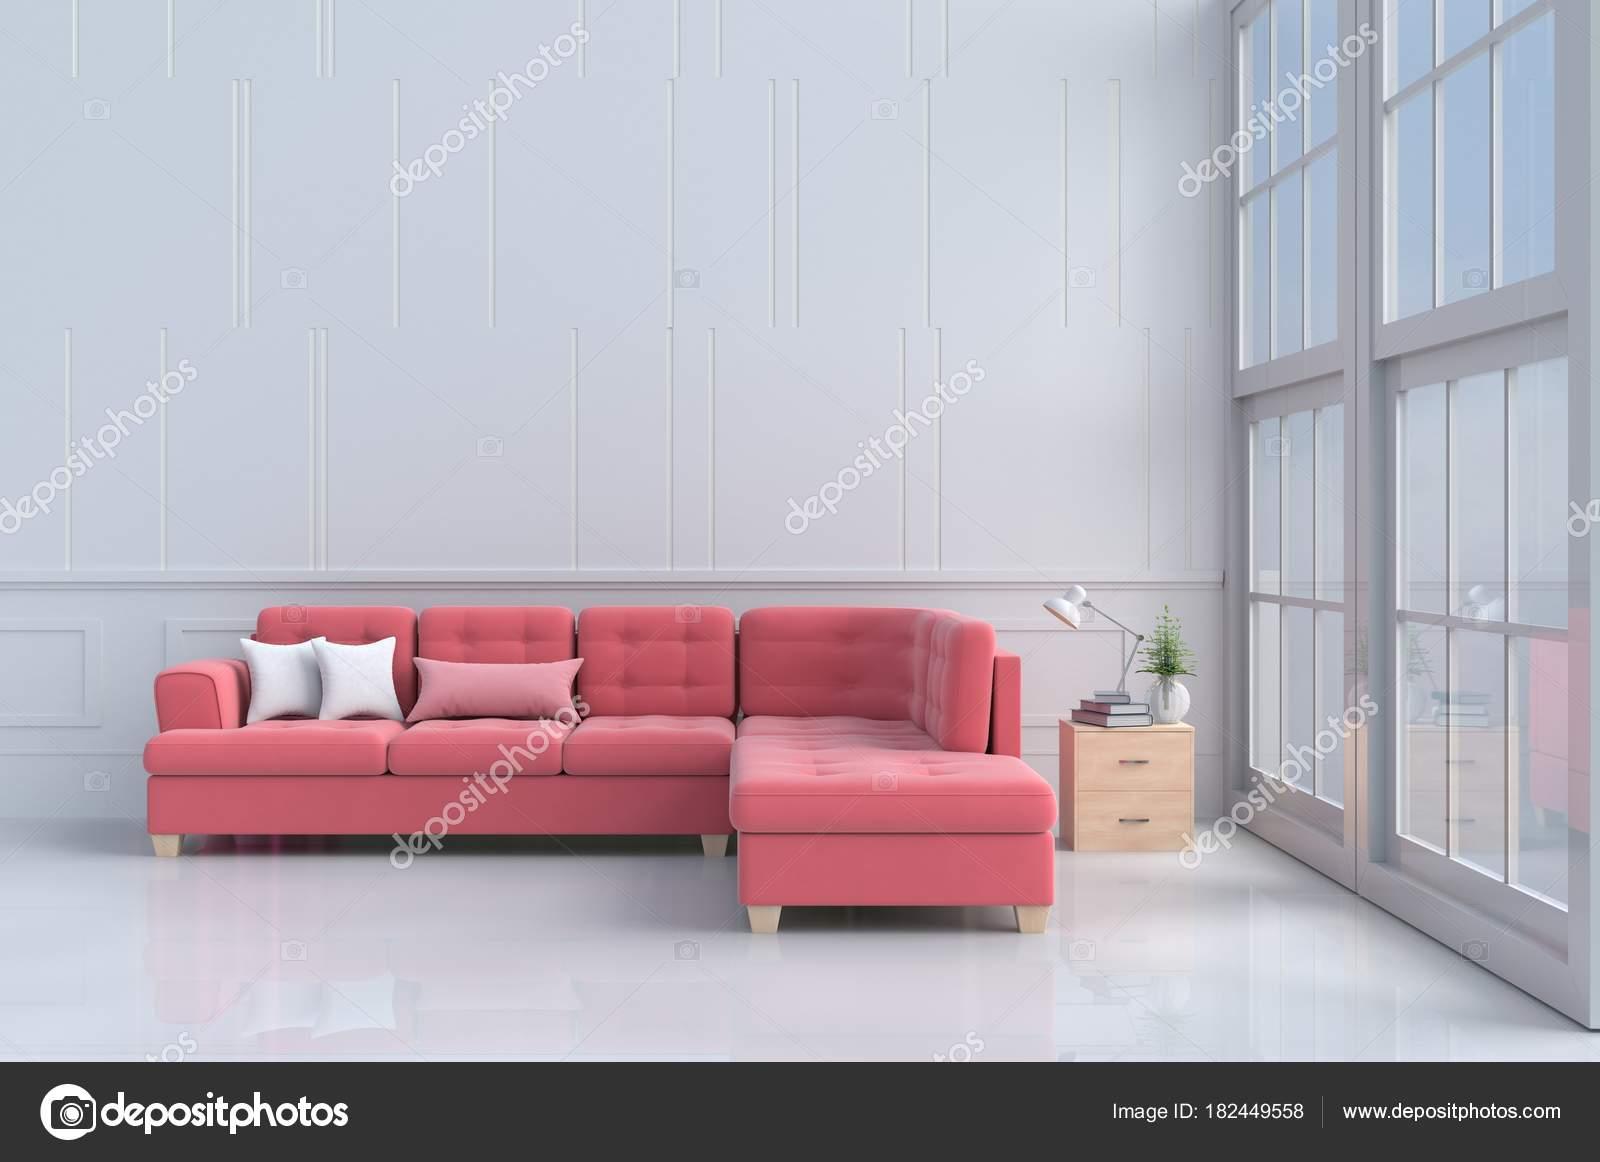 Rot Rosa Sofa Weiß Wohnzimmer Dekor Mit Baum Kissen Holz — Stockfoto ...